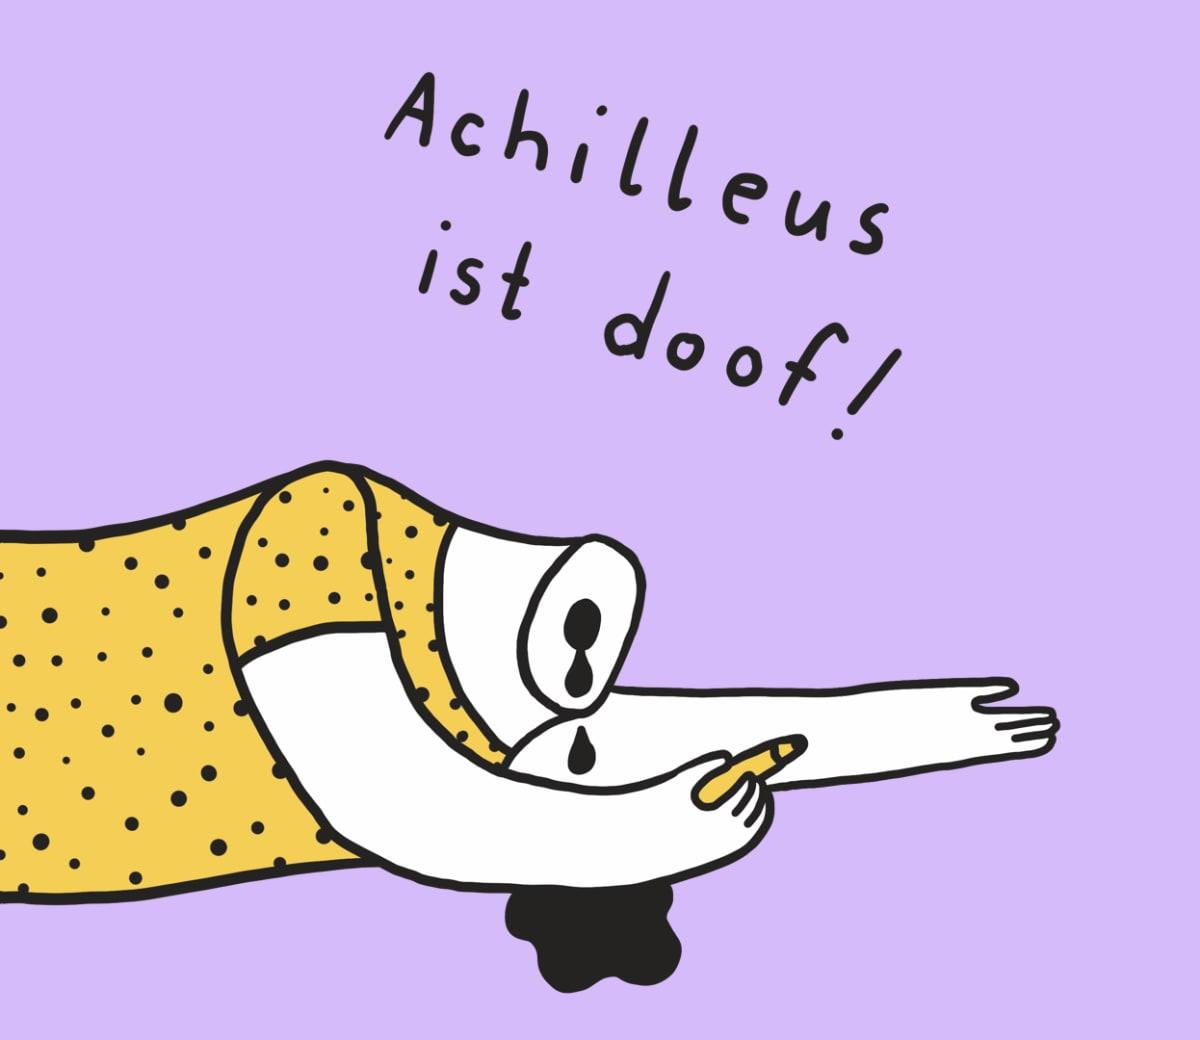 Achilleus ist doof!